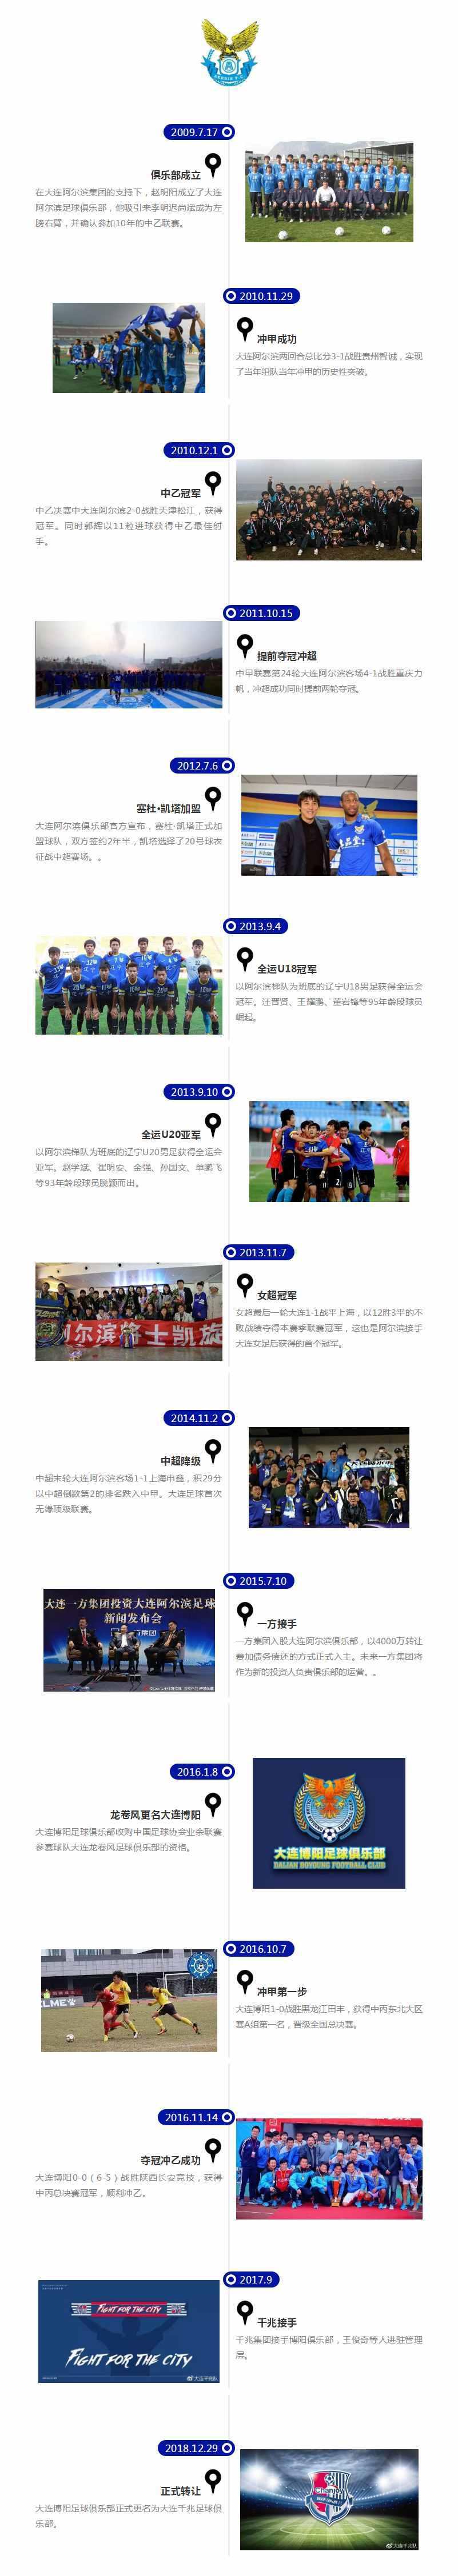 告别!赵明阳足球时代落幕 纪念阿尔滨的那段青春